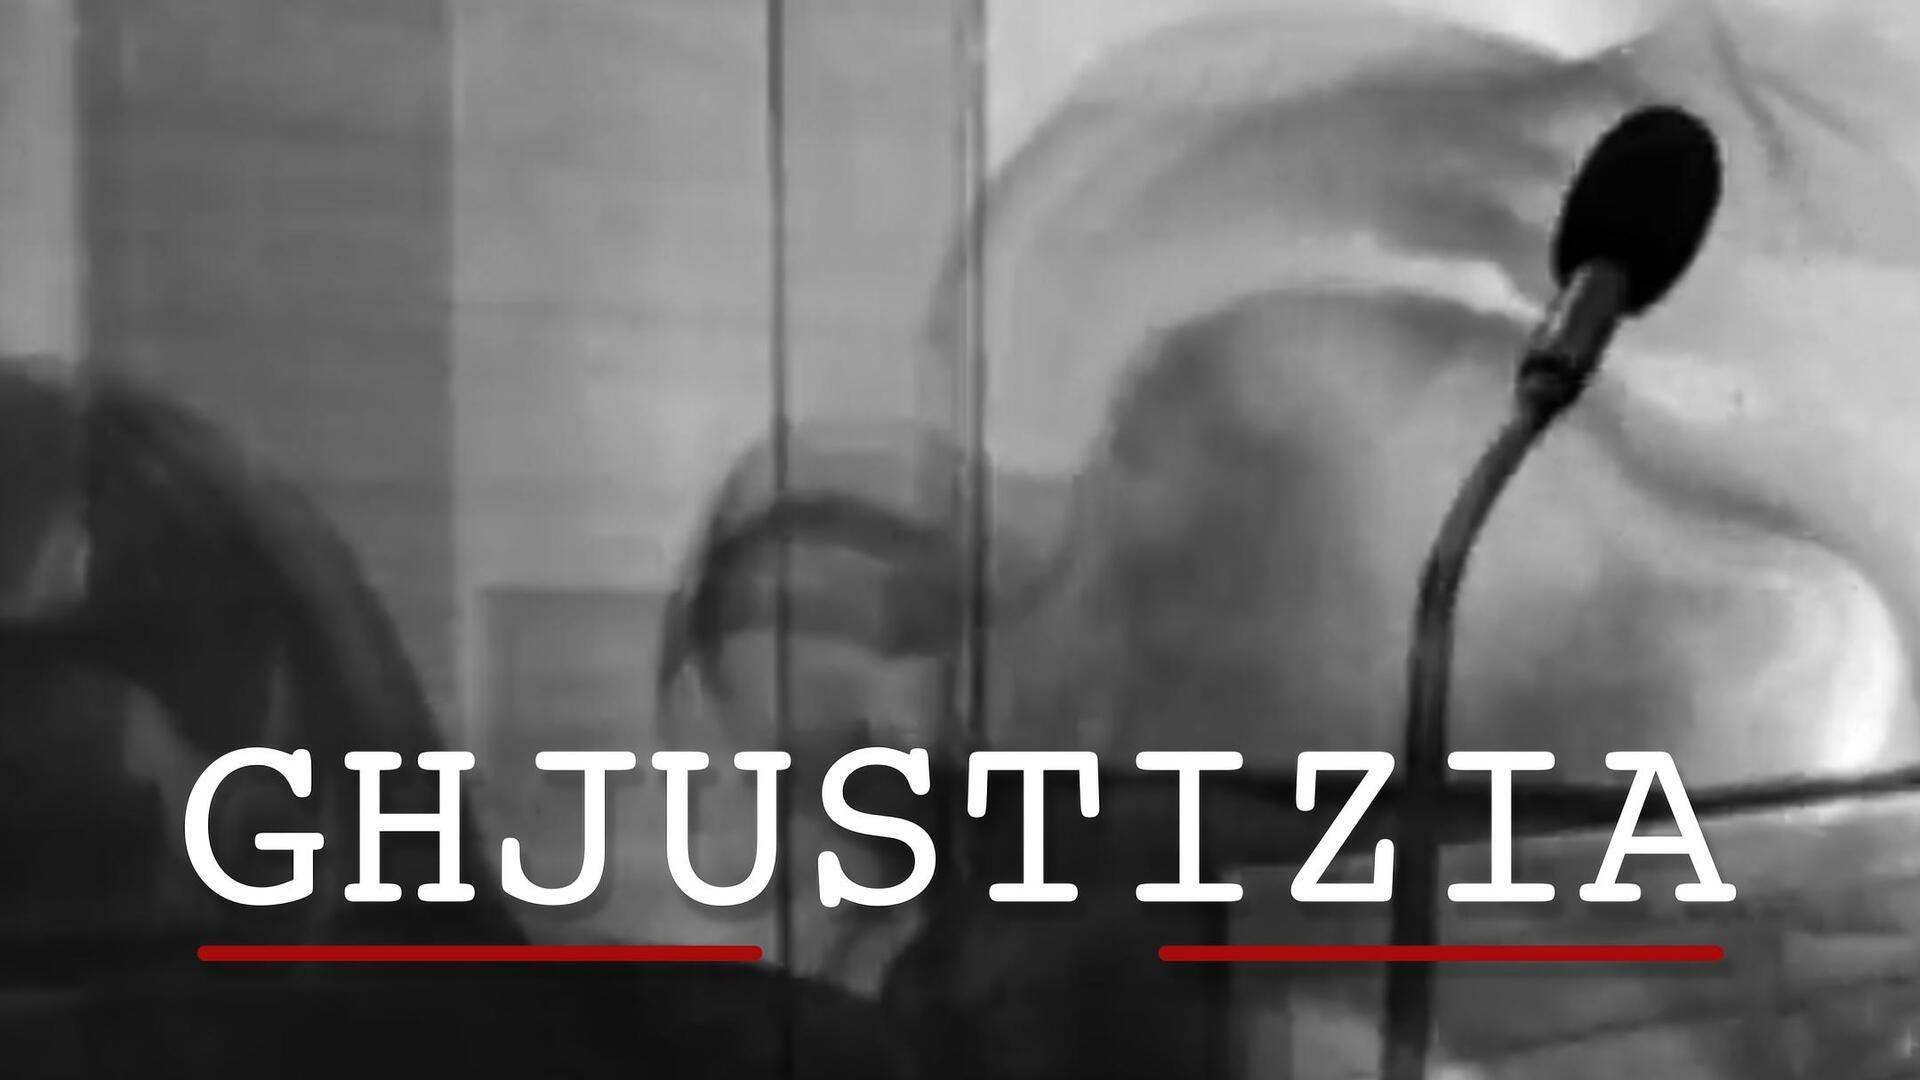 Ghjustizia : D'Aleria aux derniers attentats du FLNC, justice d'exception et anti-terrorisme